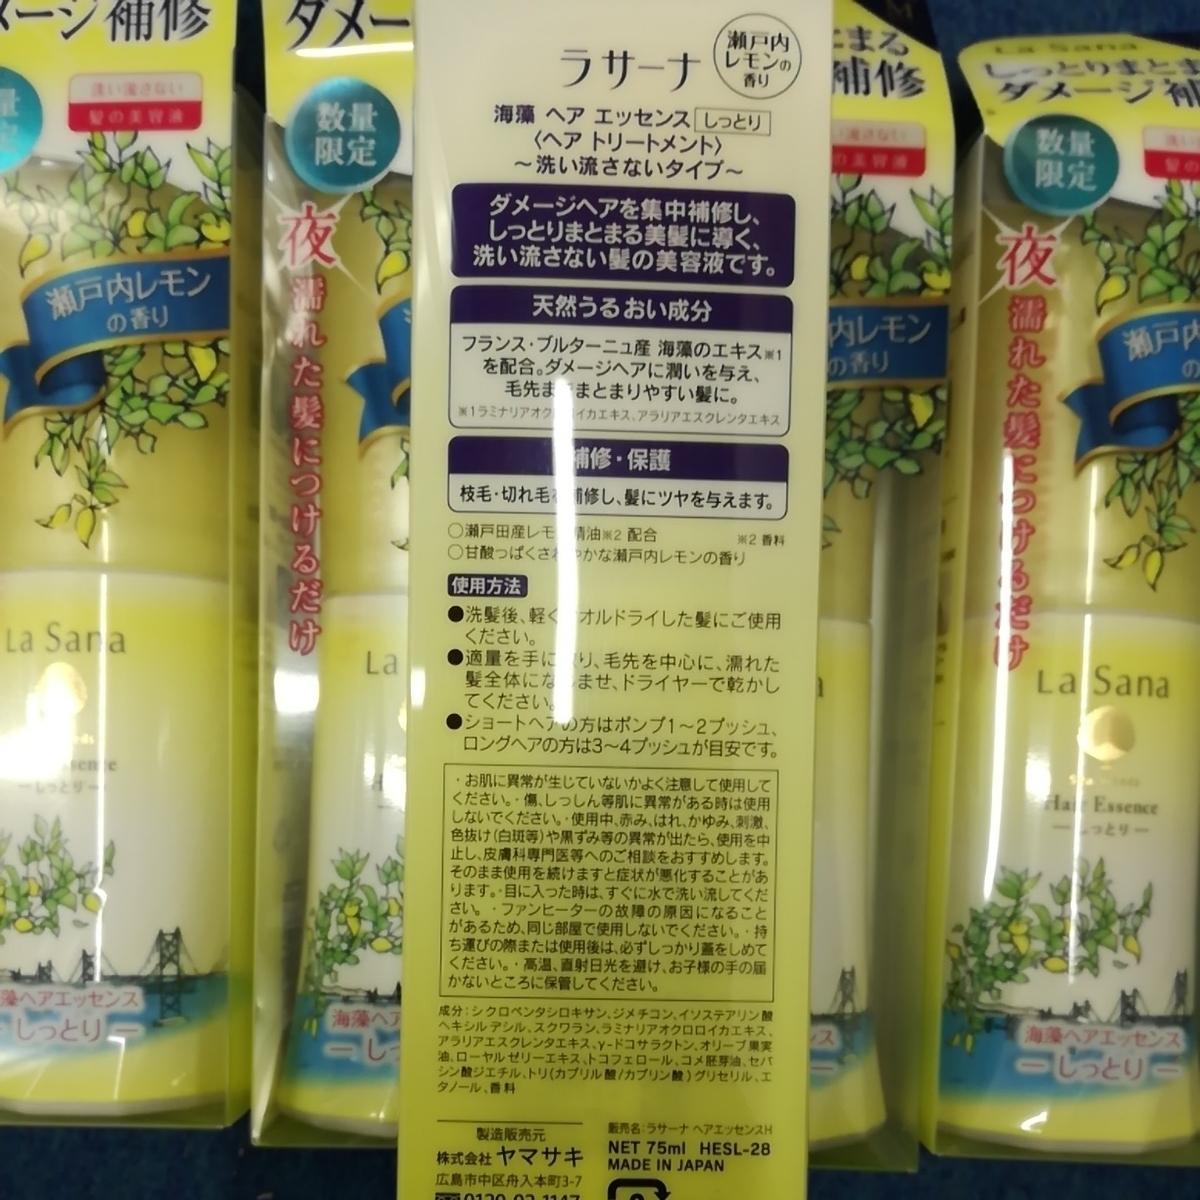 ラサーナ海藻ヘアエッセンスM×5 瀬戸内レモンの香り _画像2